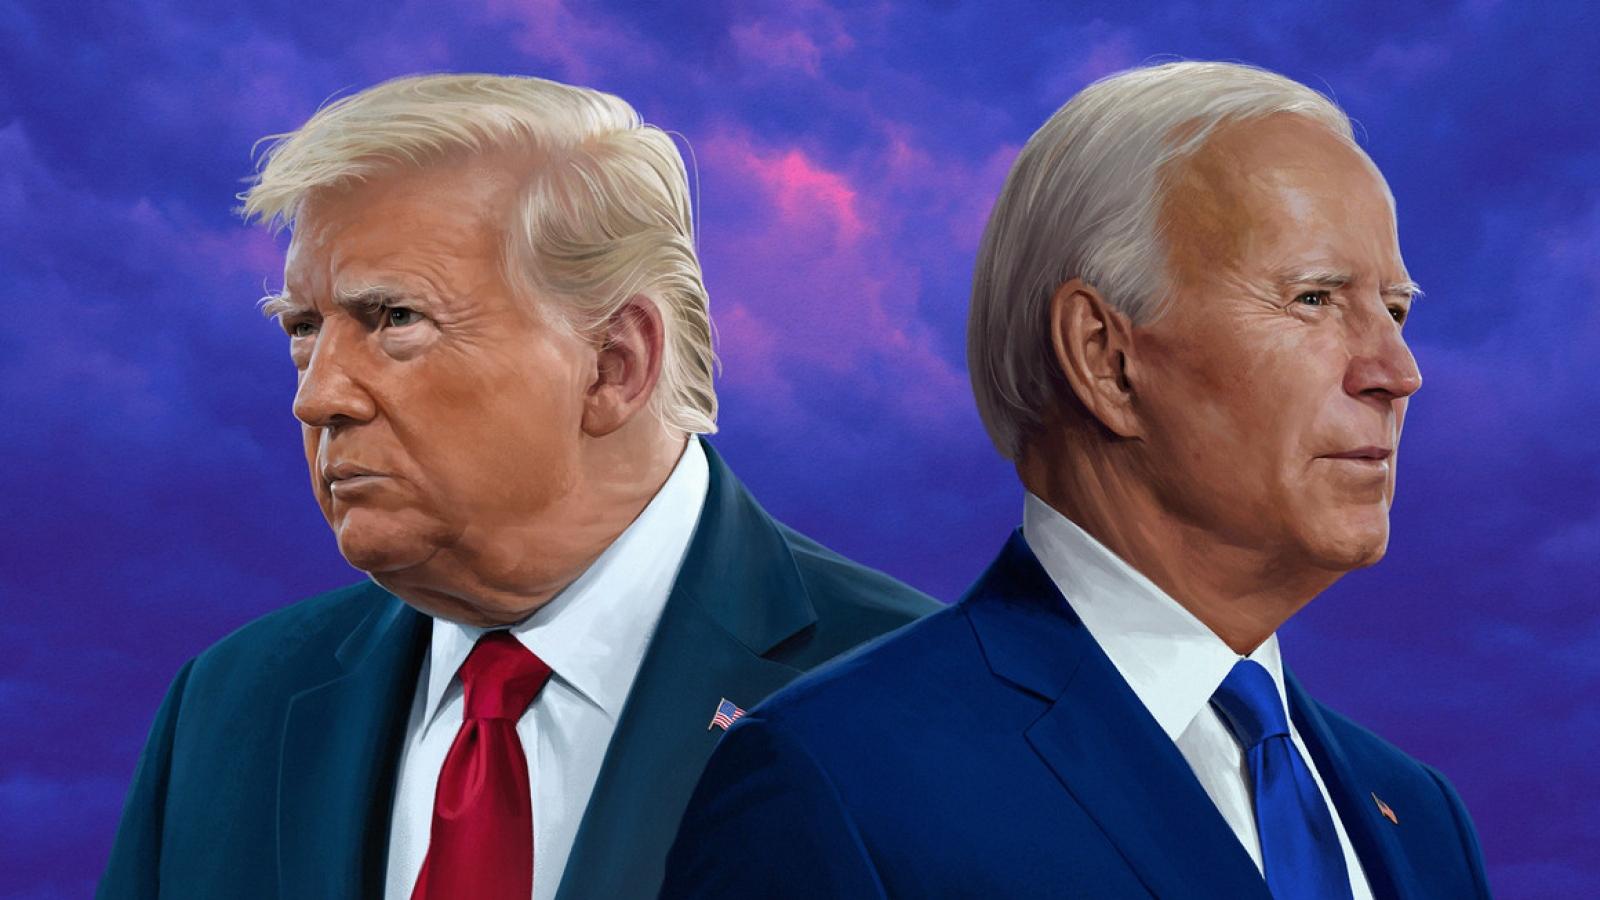 Bầu cử Mỹ 2020: 3 lý do ông Biden đảo ngược tình thế ở khu vực Trung Tây